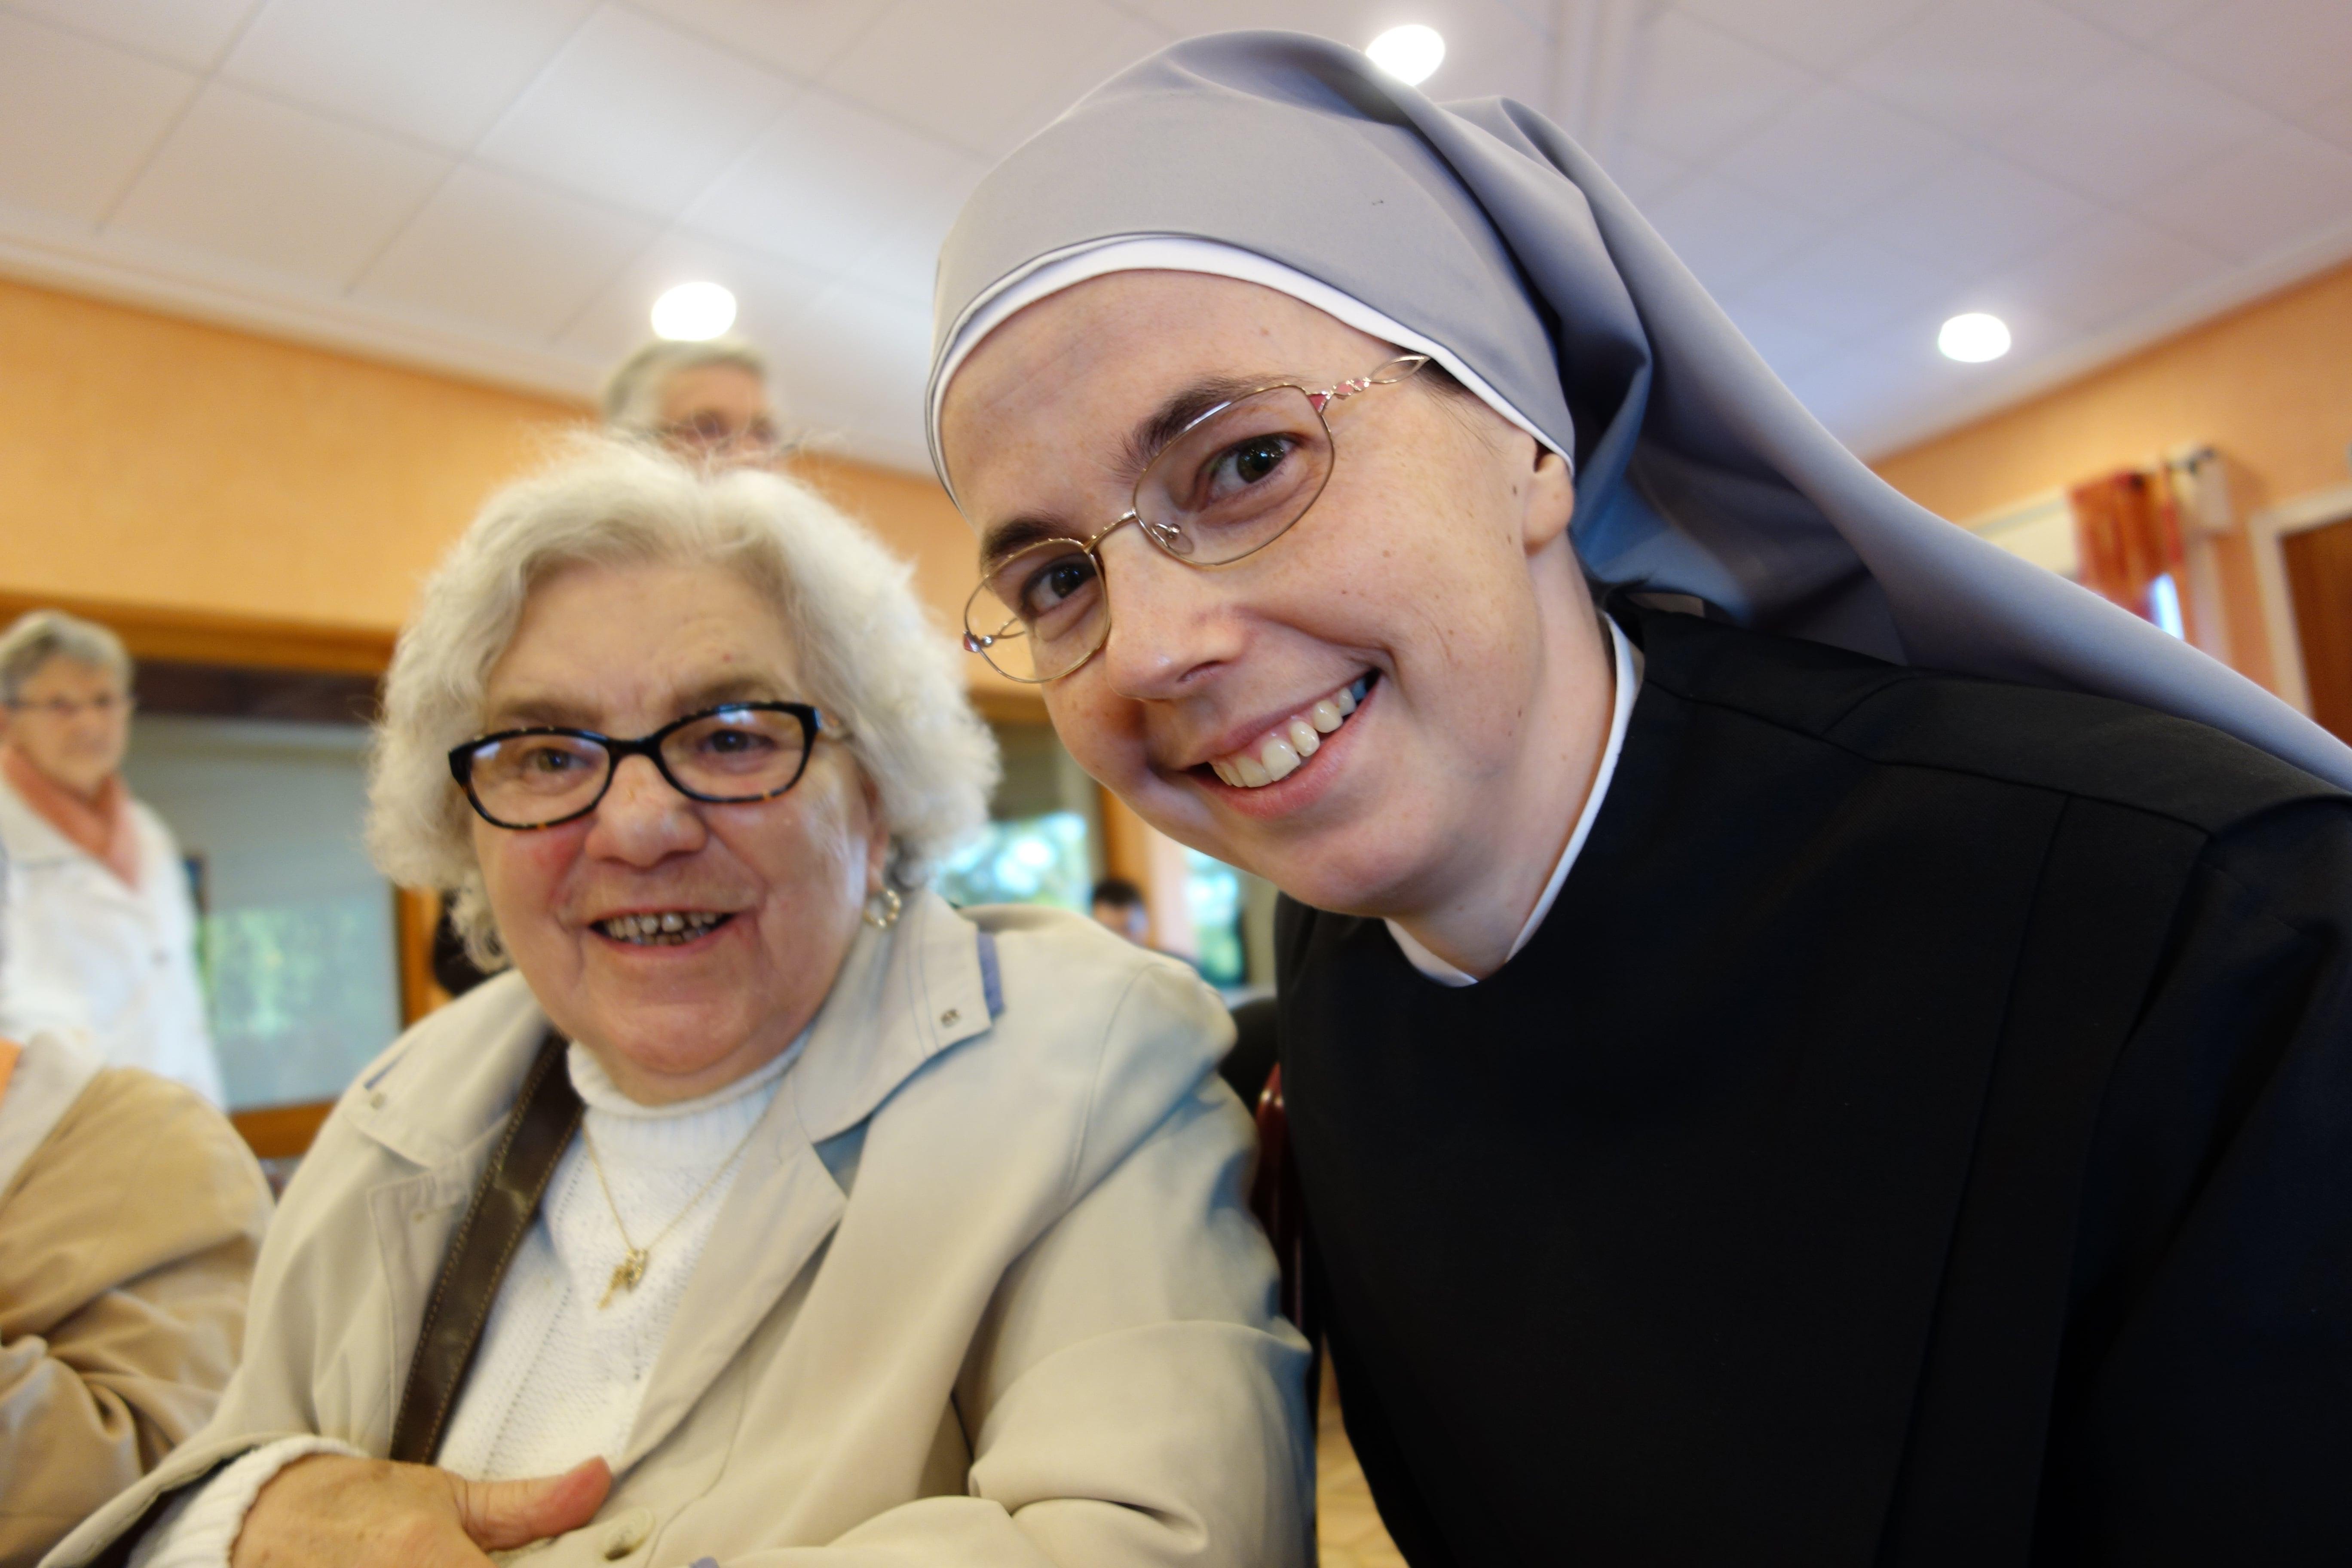 deux visages : une petite soeur et une personne âgée